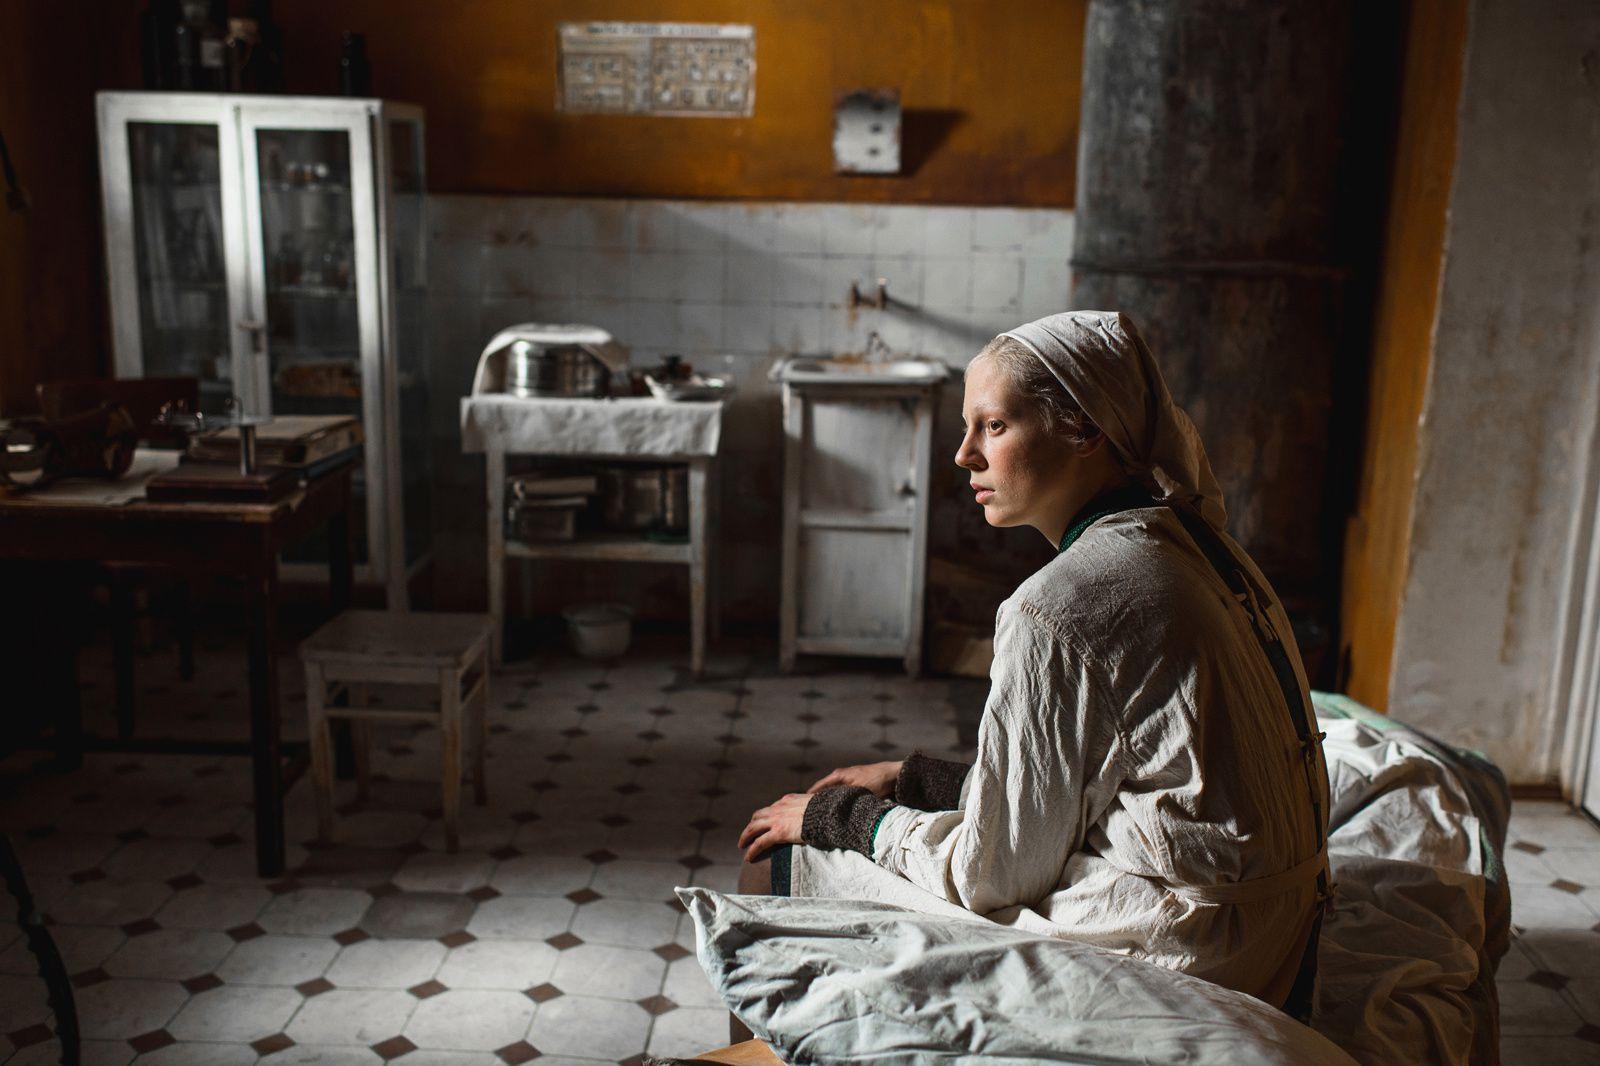 Une grande fille (Dylda) (2 EXTRAITS) de Kantemir Balagov - Le 7 août 2019 au cinéma